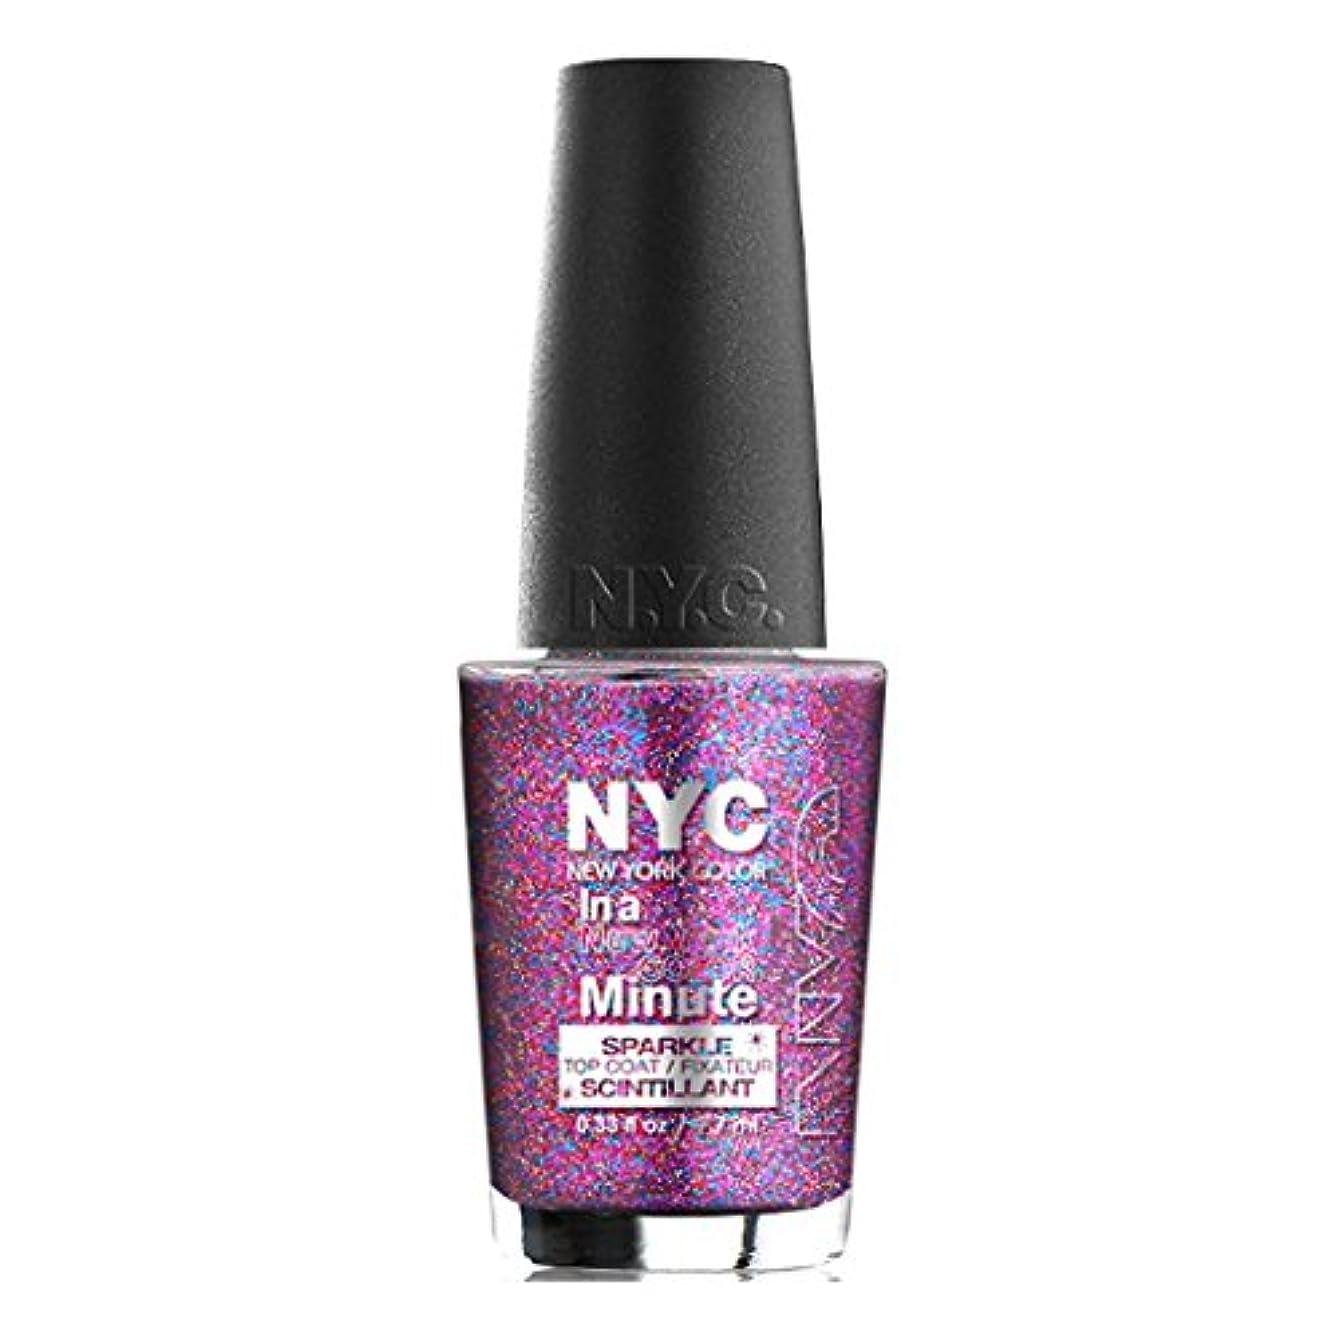 作るモンスター銀河(3 Pack) NYC In A New York Color Minute Sparkle Top Coat - Big City Dazzle (並行輸入品)